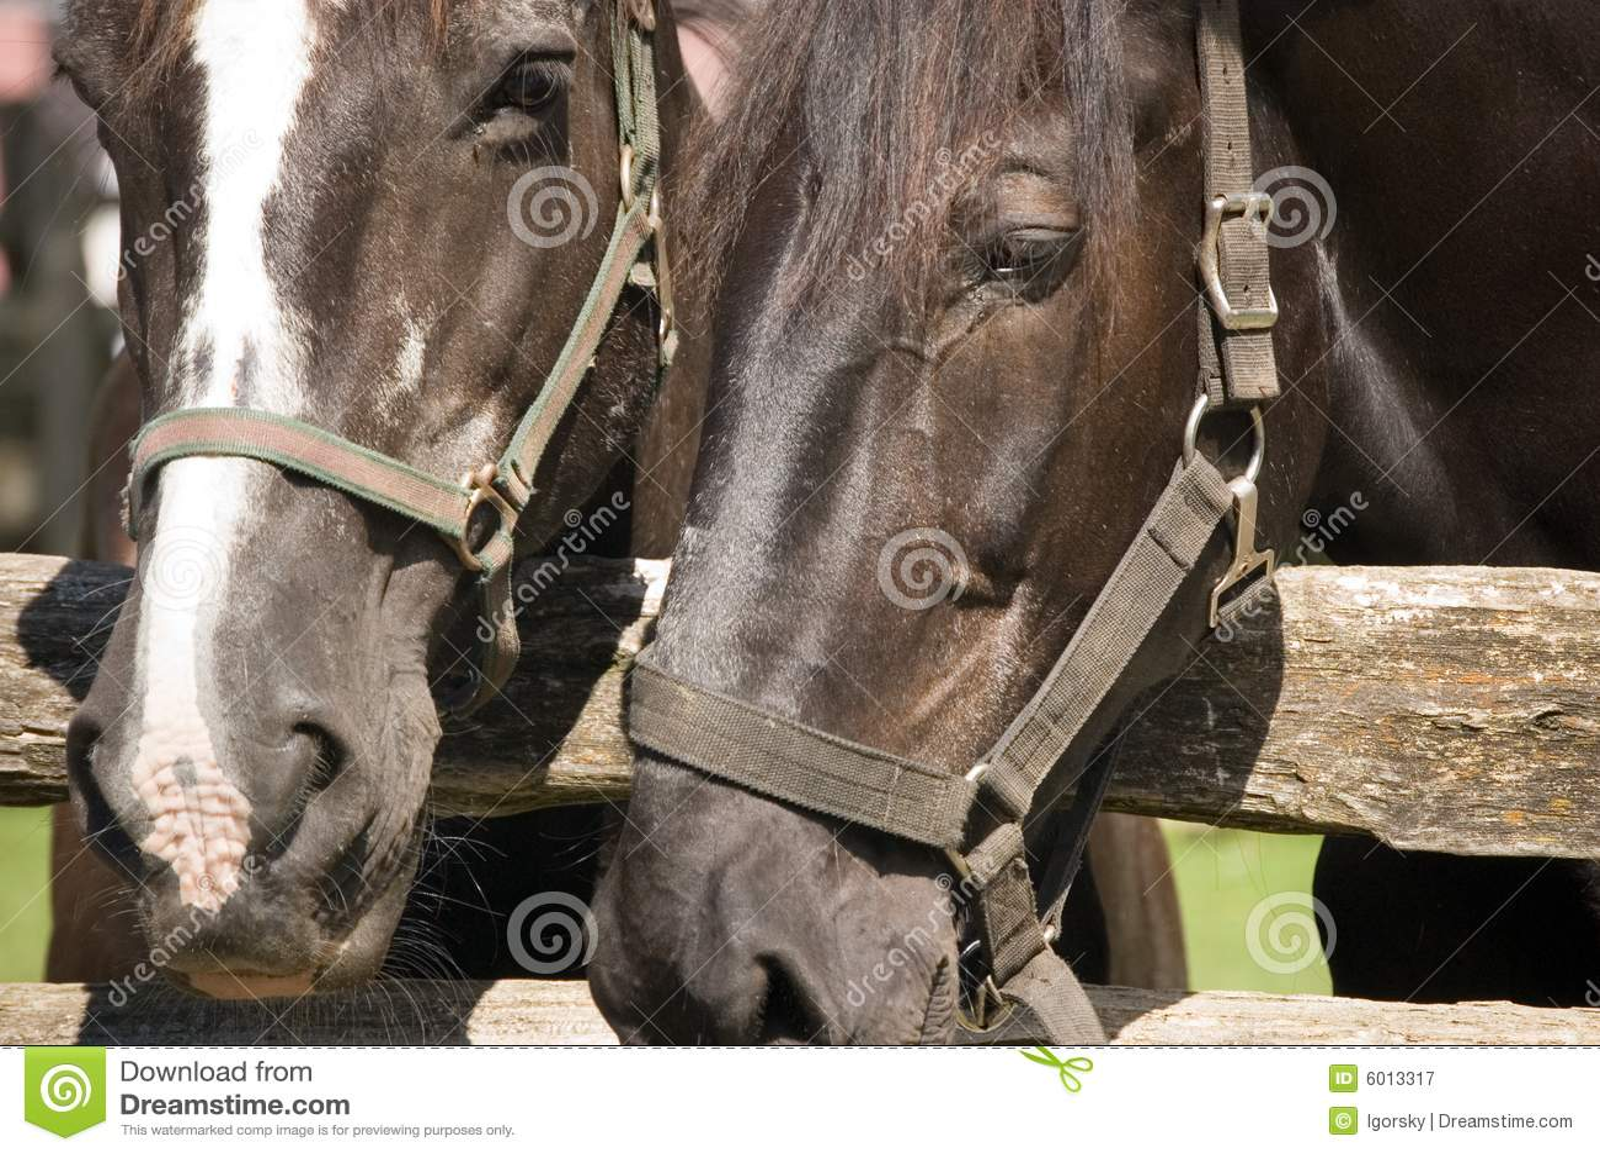 Nahaufnahme von zwei Pferden